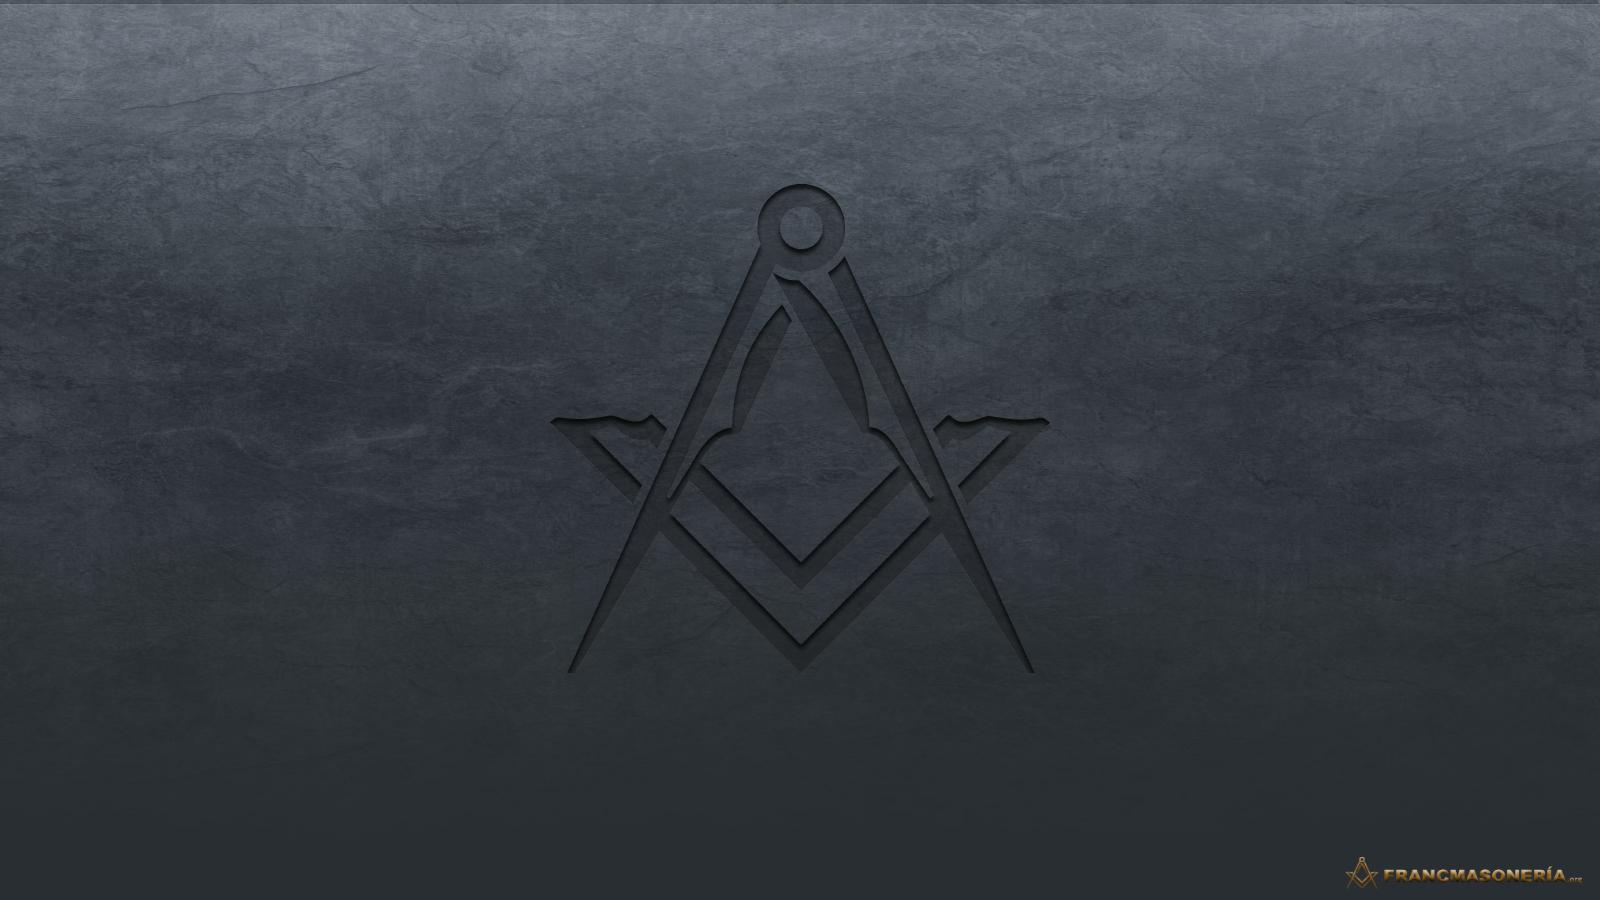 Mason Wallpaper Masonic Wallpaper hd Masonic 1600x900